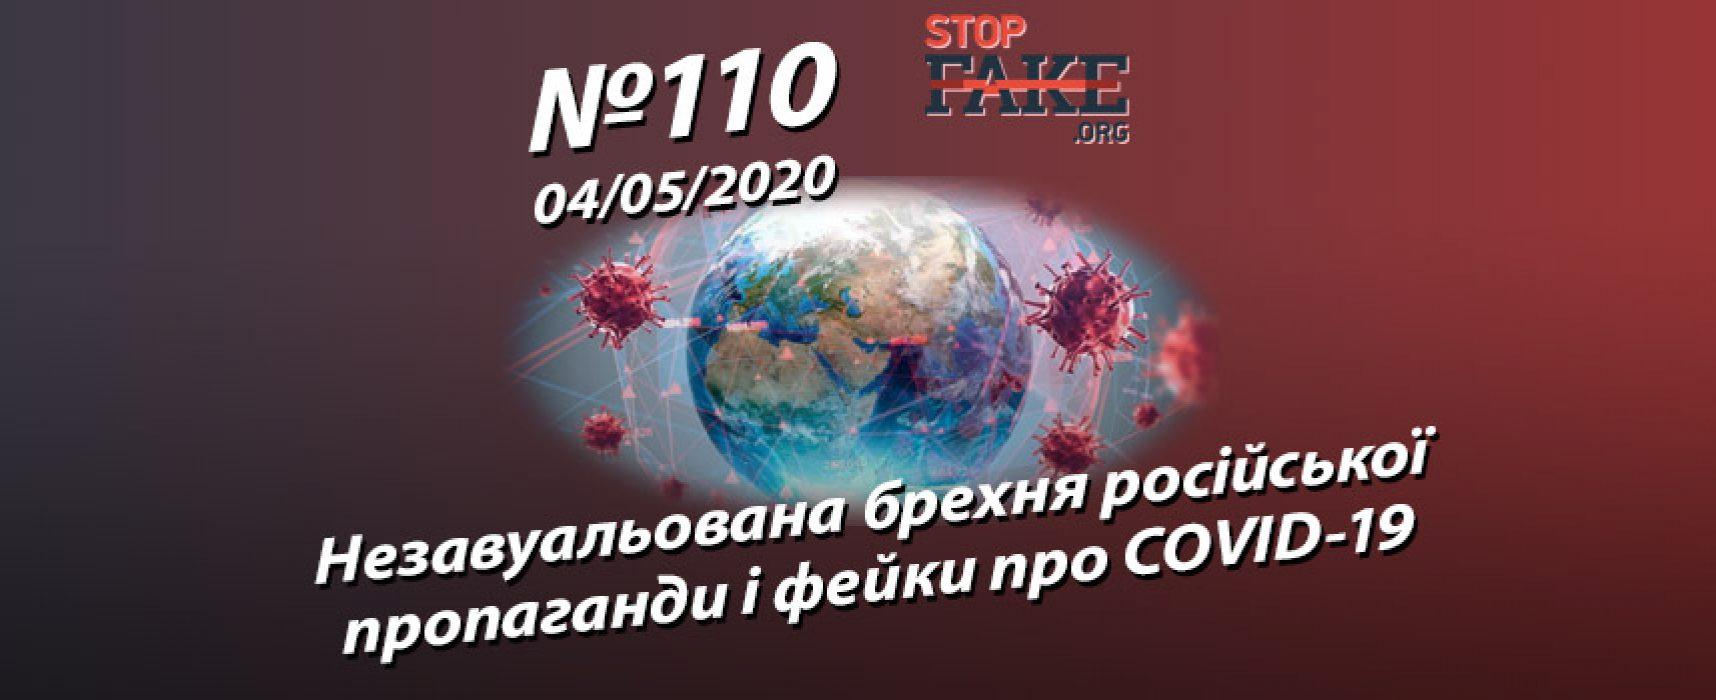 Обережно, псевдоексперти! – StopFake.org